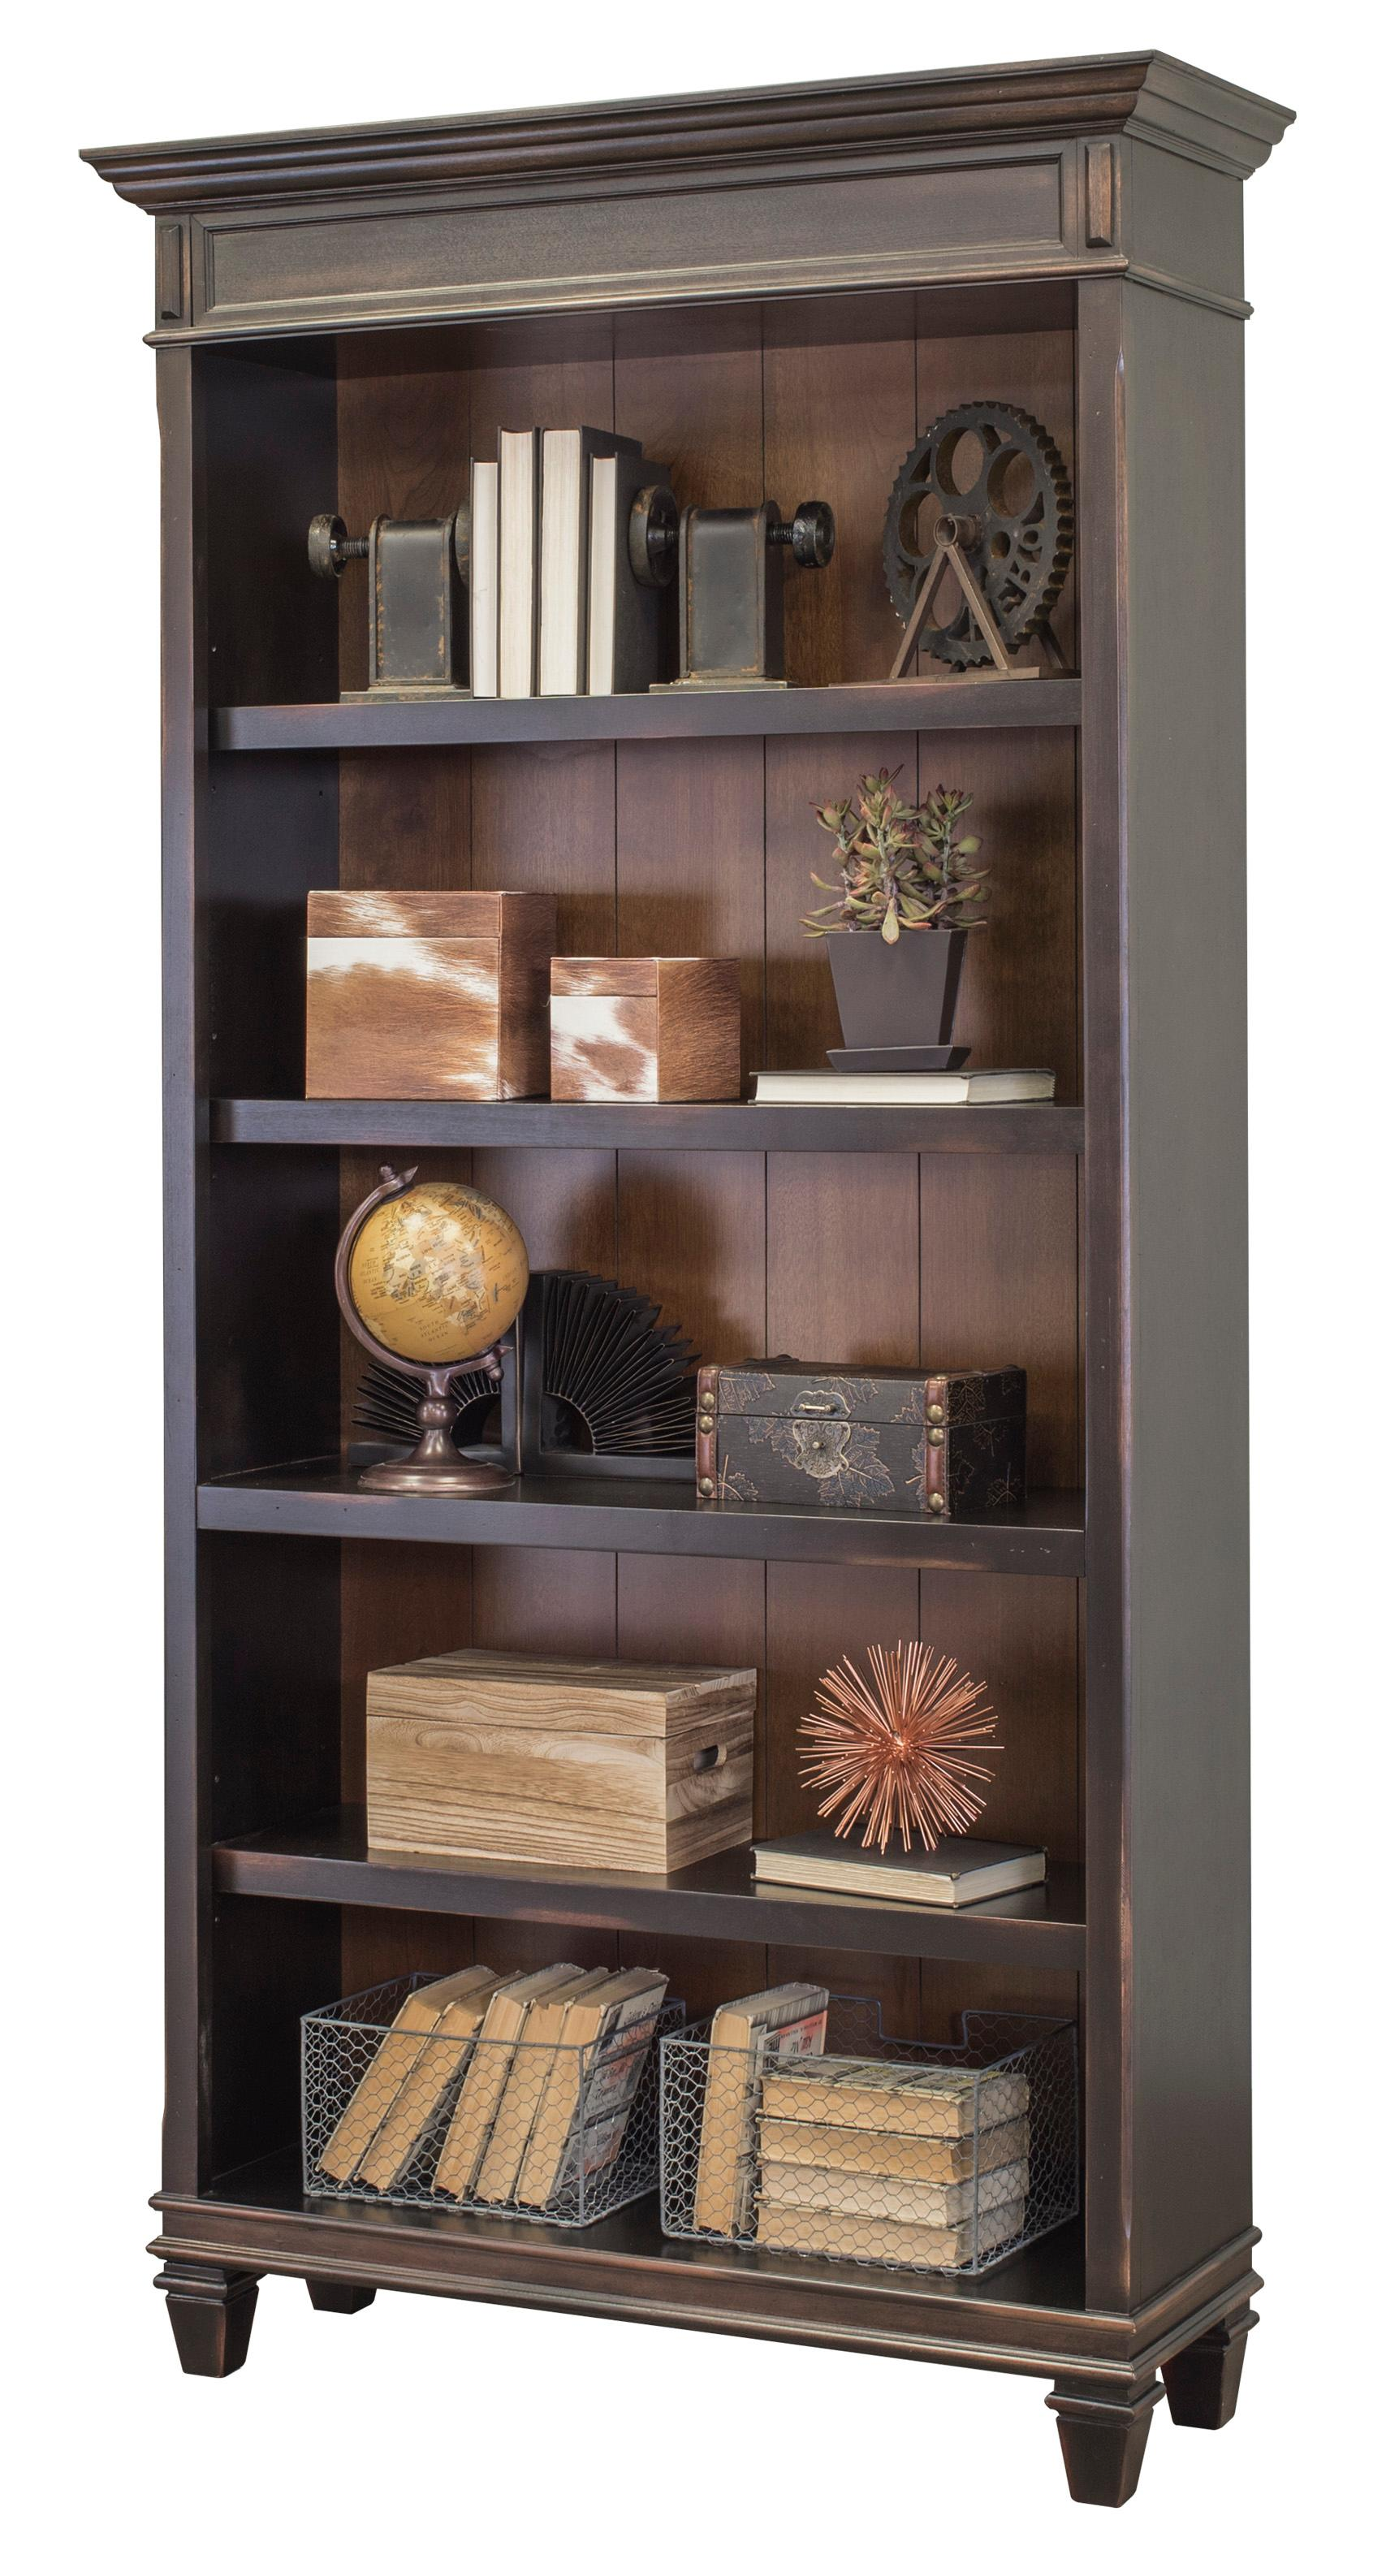 martin furniture hartford l shaped desk brown. Black Bedroom Furniture Sets. Home Design Ideas